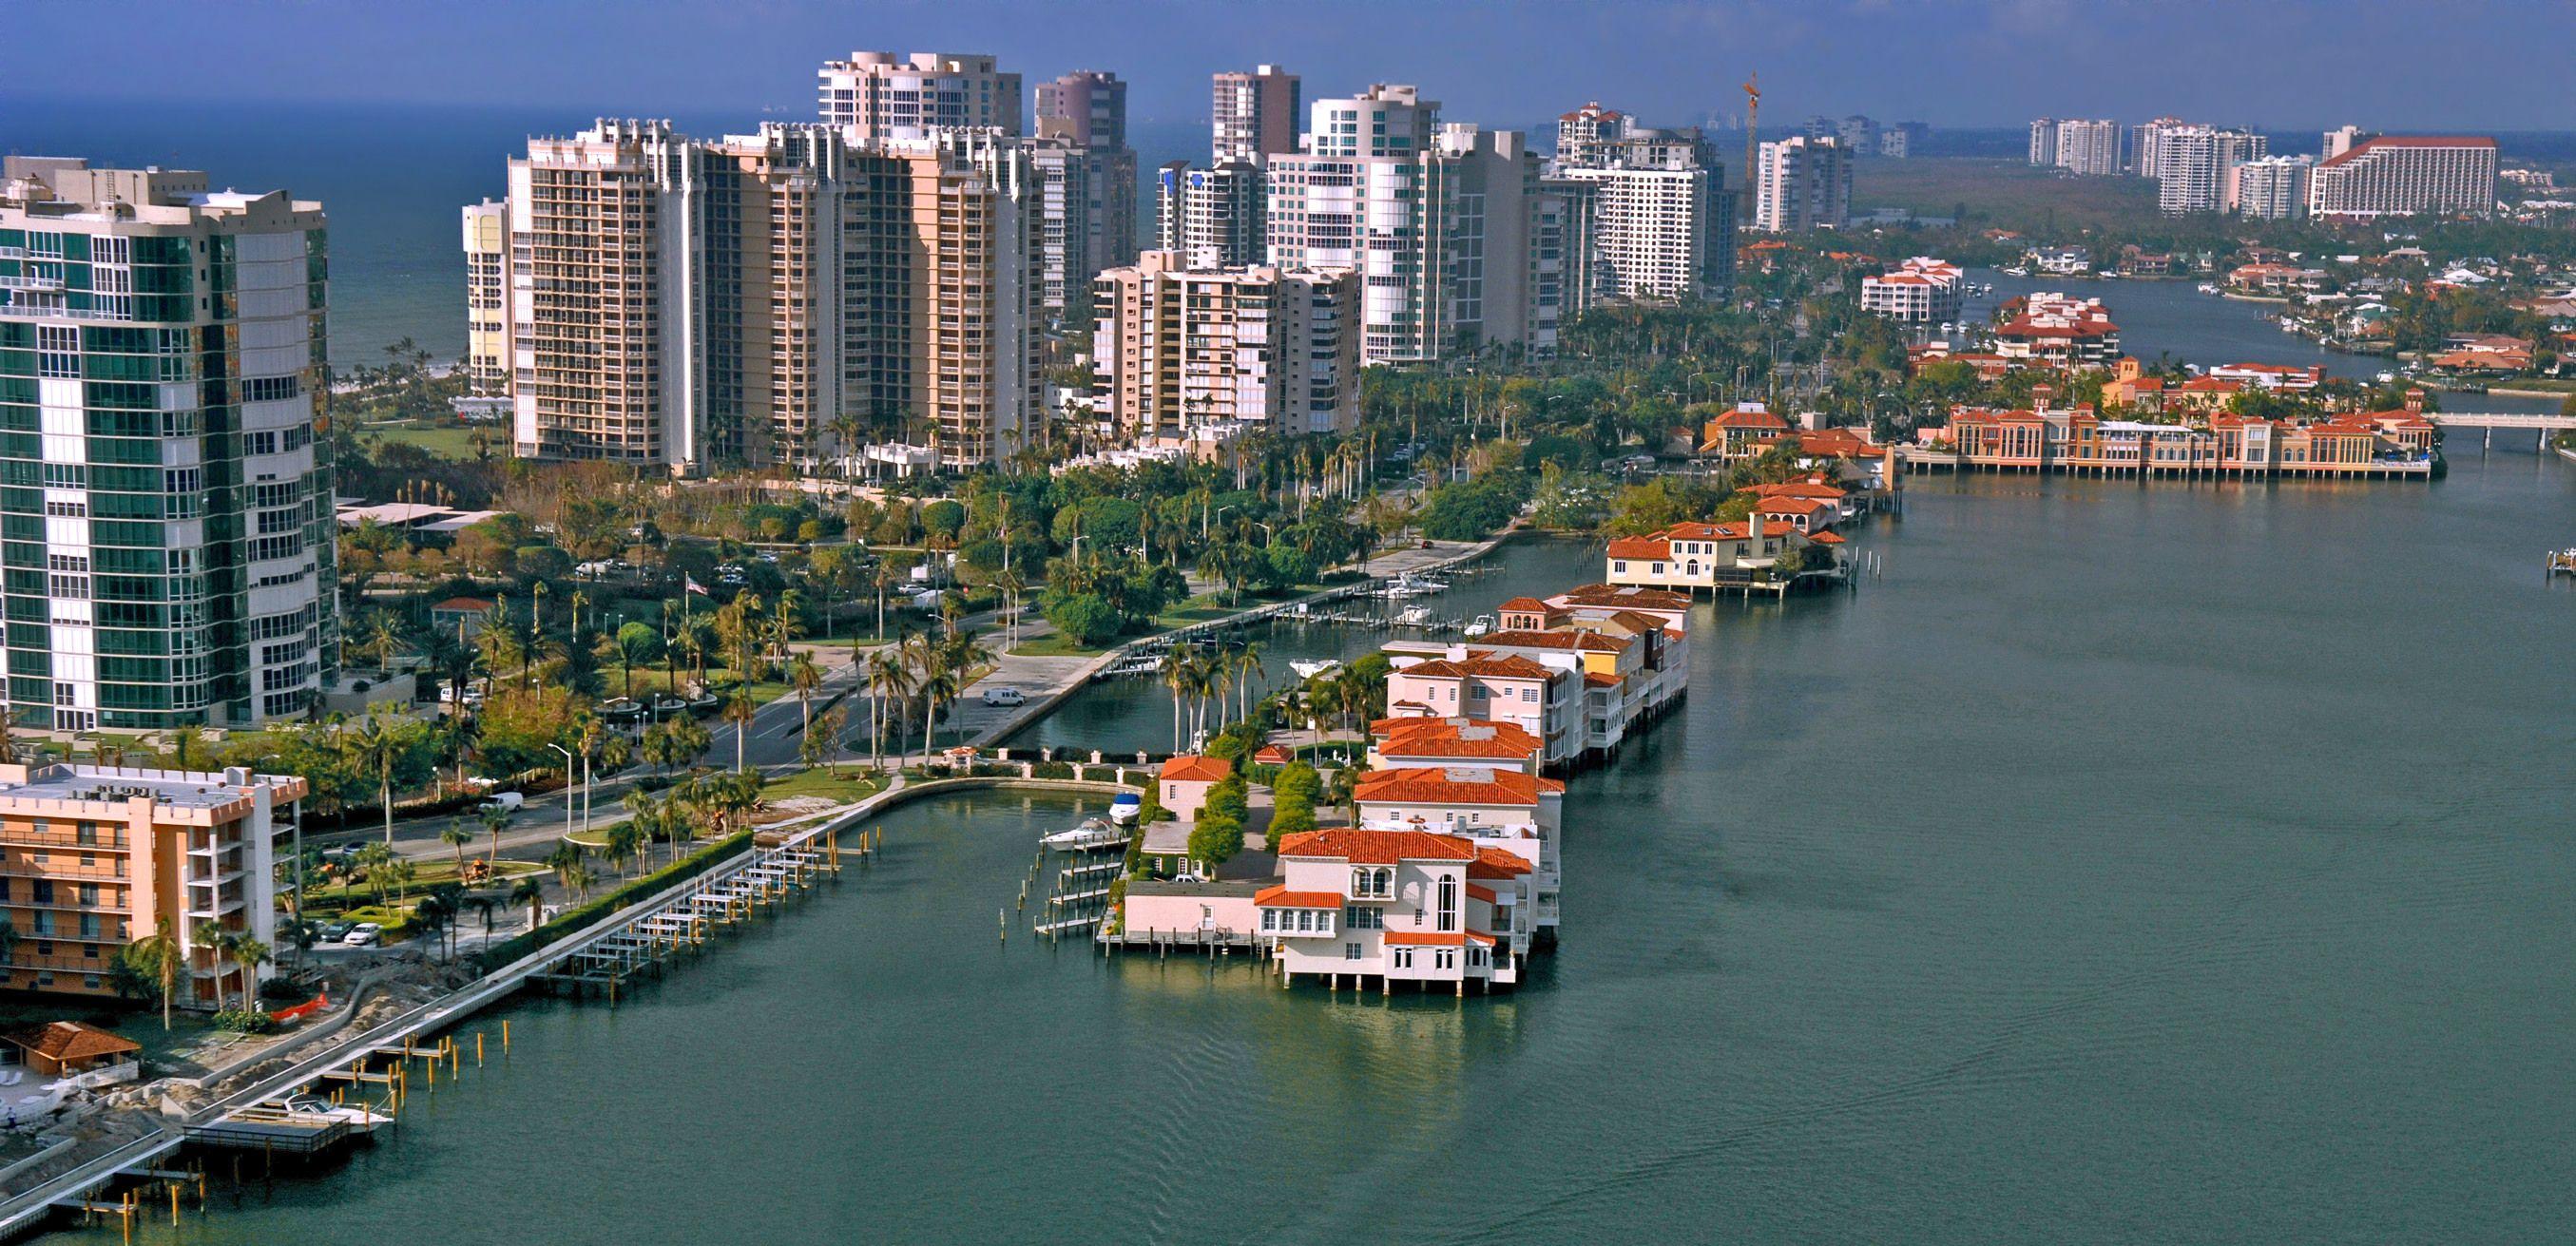 Naples Florida Naples Florida Wonderful Tourists Destination In - Florida naples